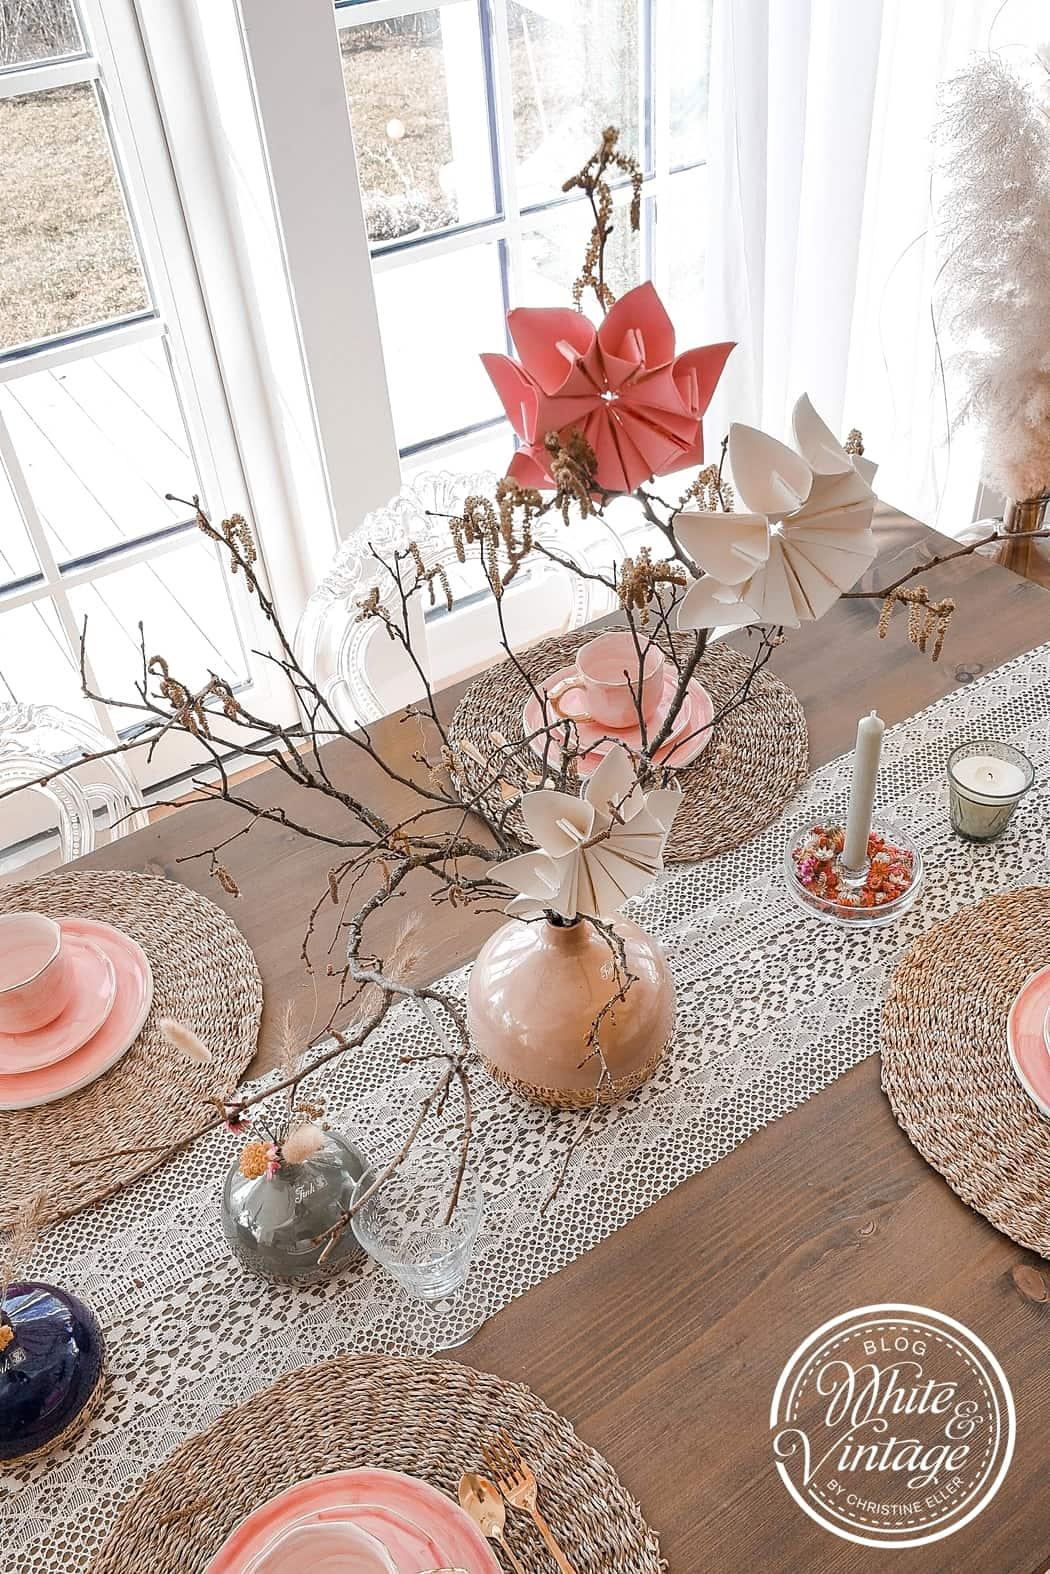 Tischdeko im Boho-Look mit Papierblumen.